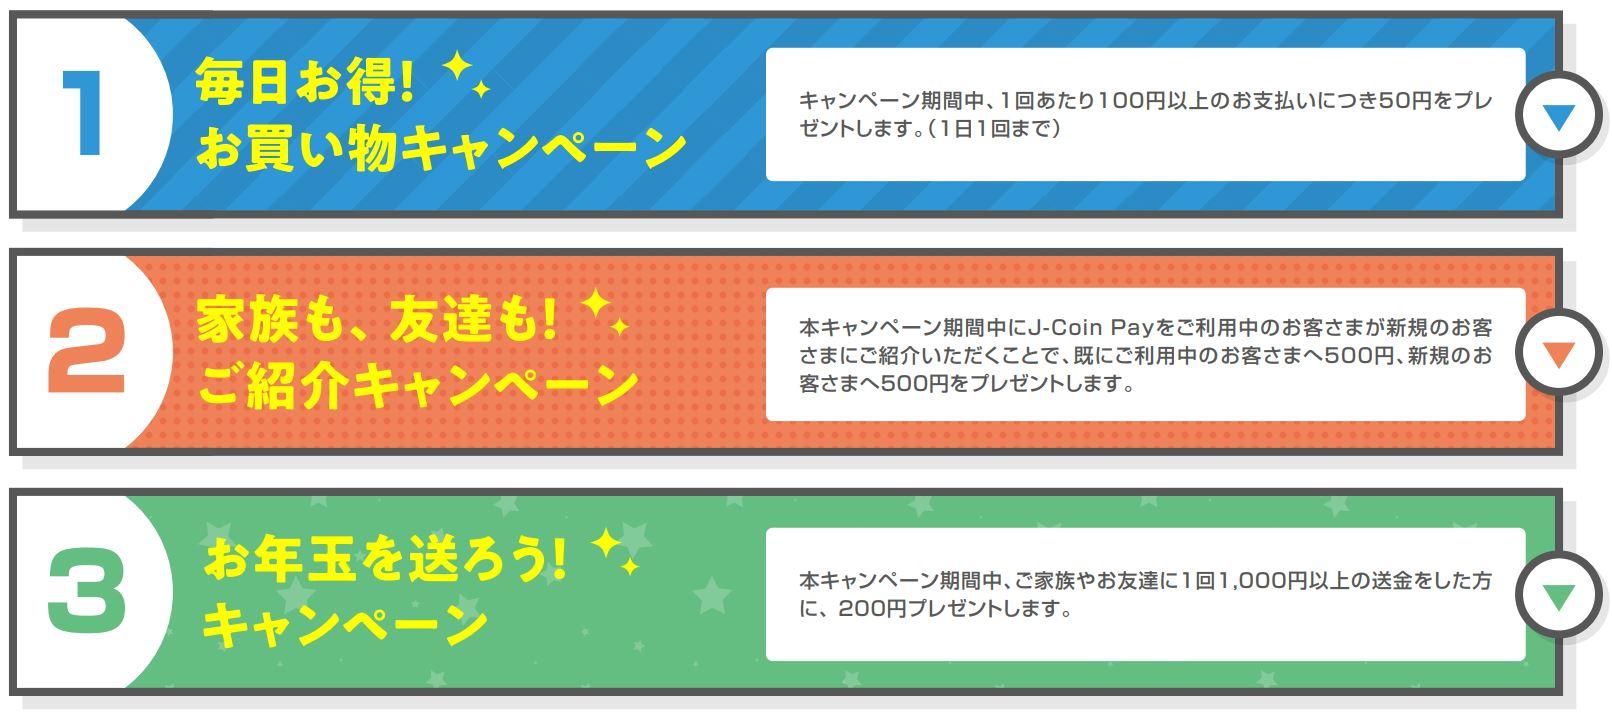 J-Coin Payキャンペーン